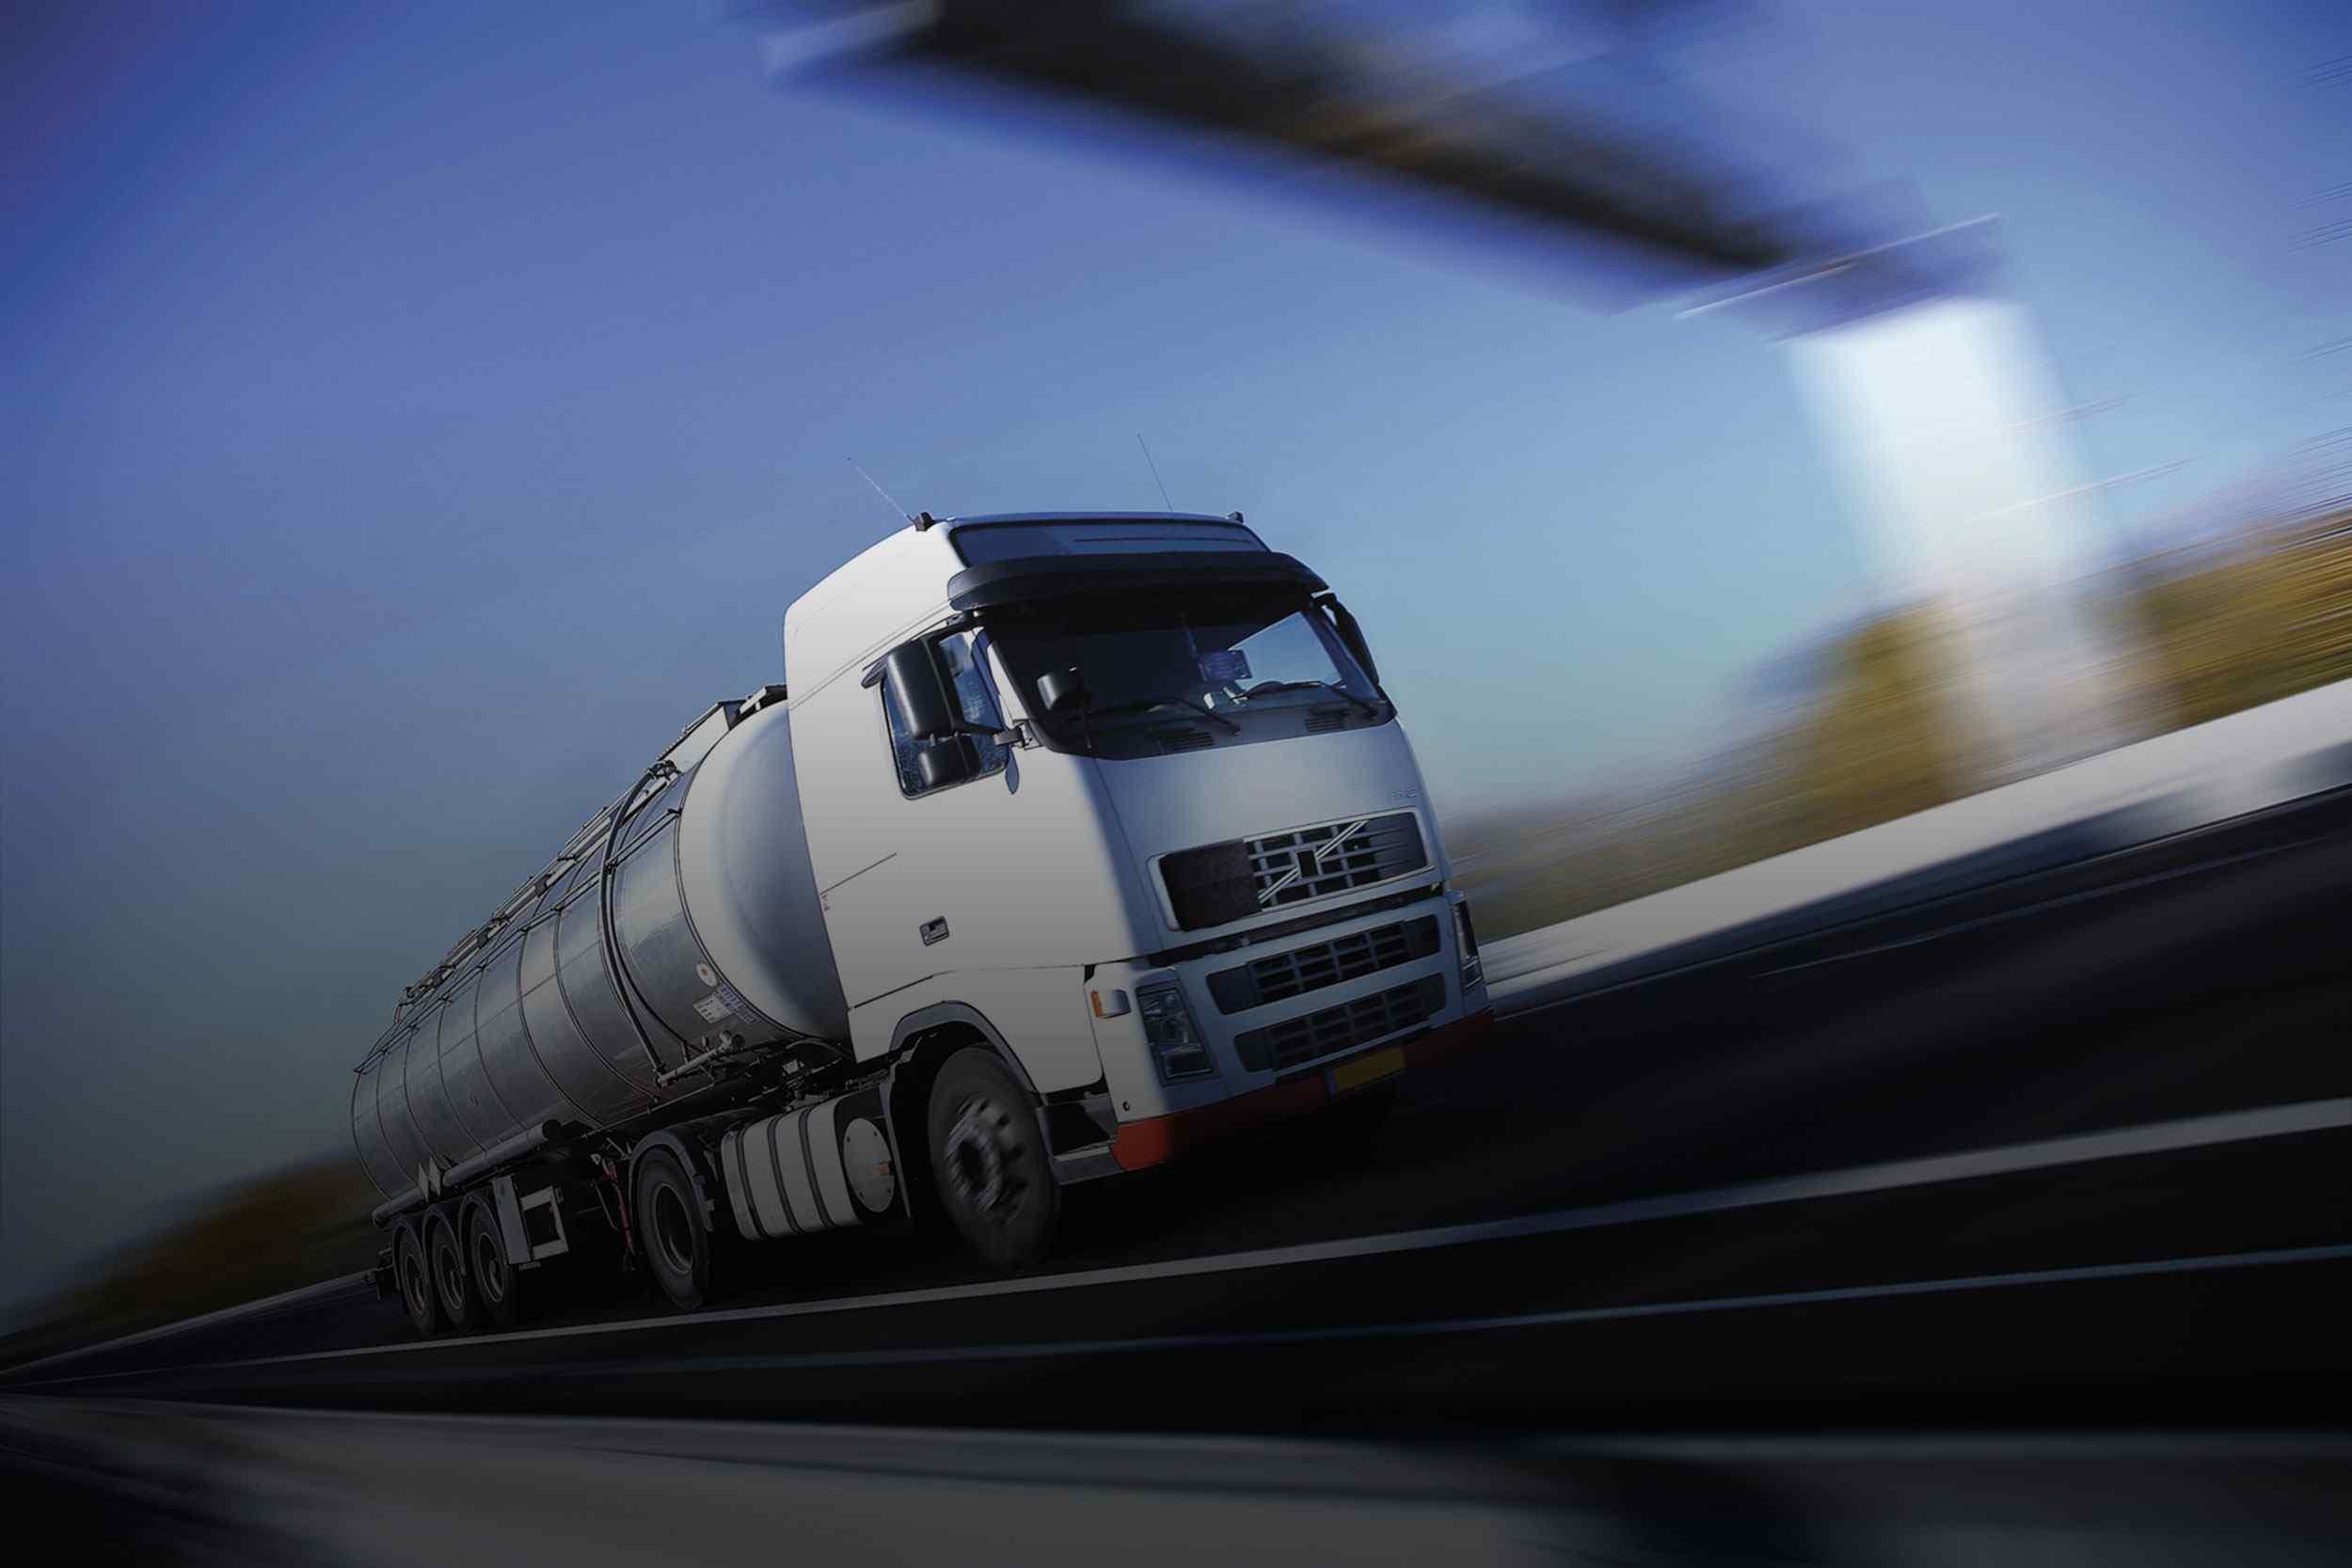 http://baikay.com/wp-content/uploads/2015/09/White-Truck-single.jpg